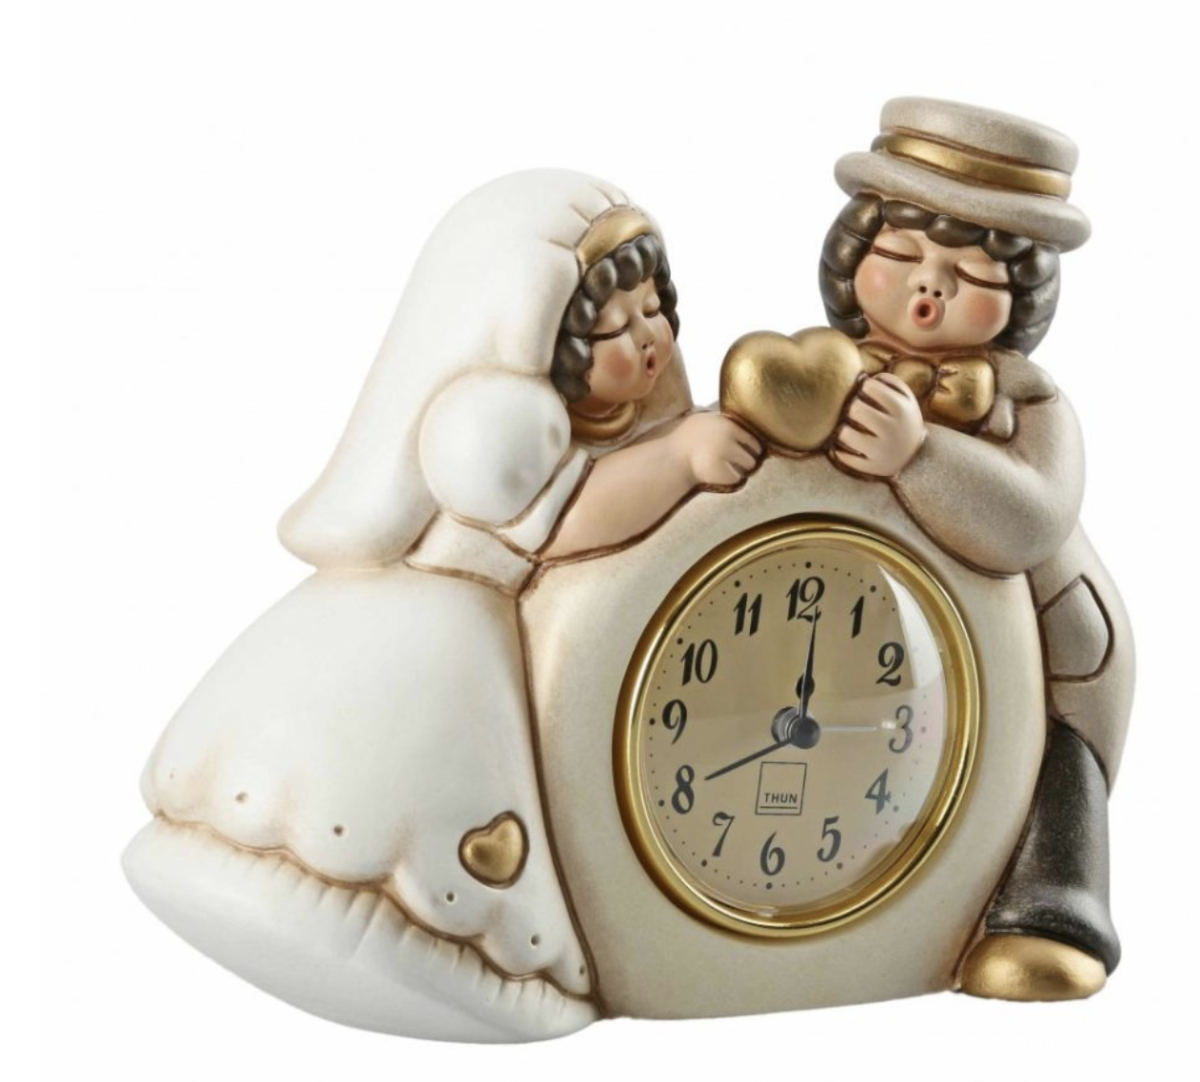 Thun Bomboniere Matrimonio Prezzi.Thun Catalogo Prezzi E Saldi Tutto Quel Che C E Da Sapere